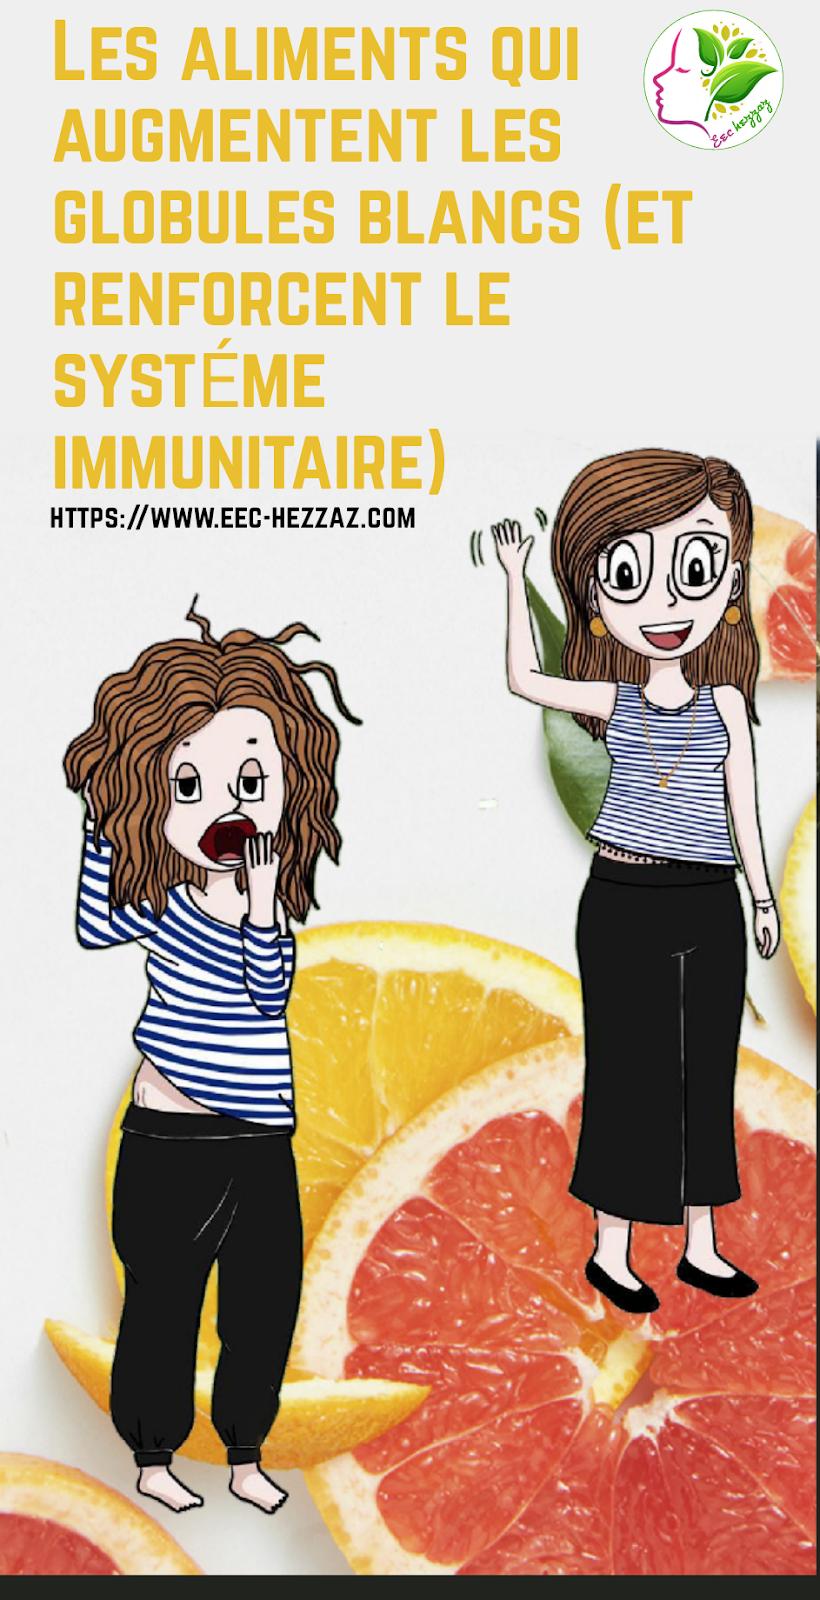 Les aliments qui augmentent les globules blancs (et renforcent le système immunitaire)